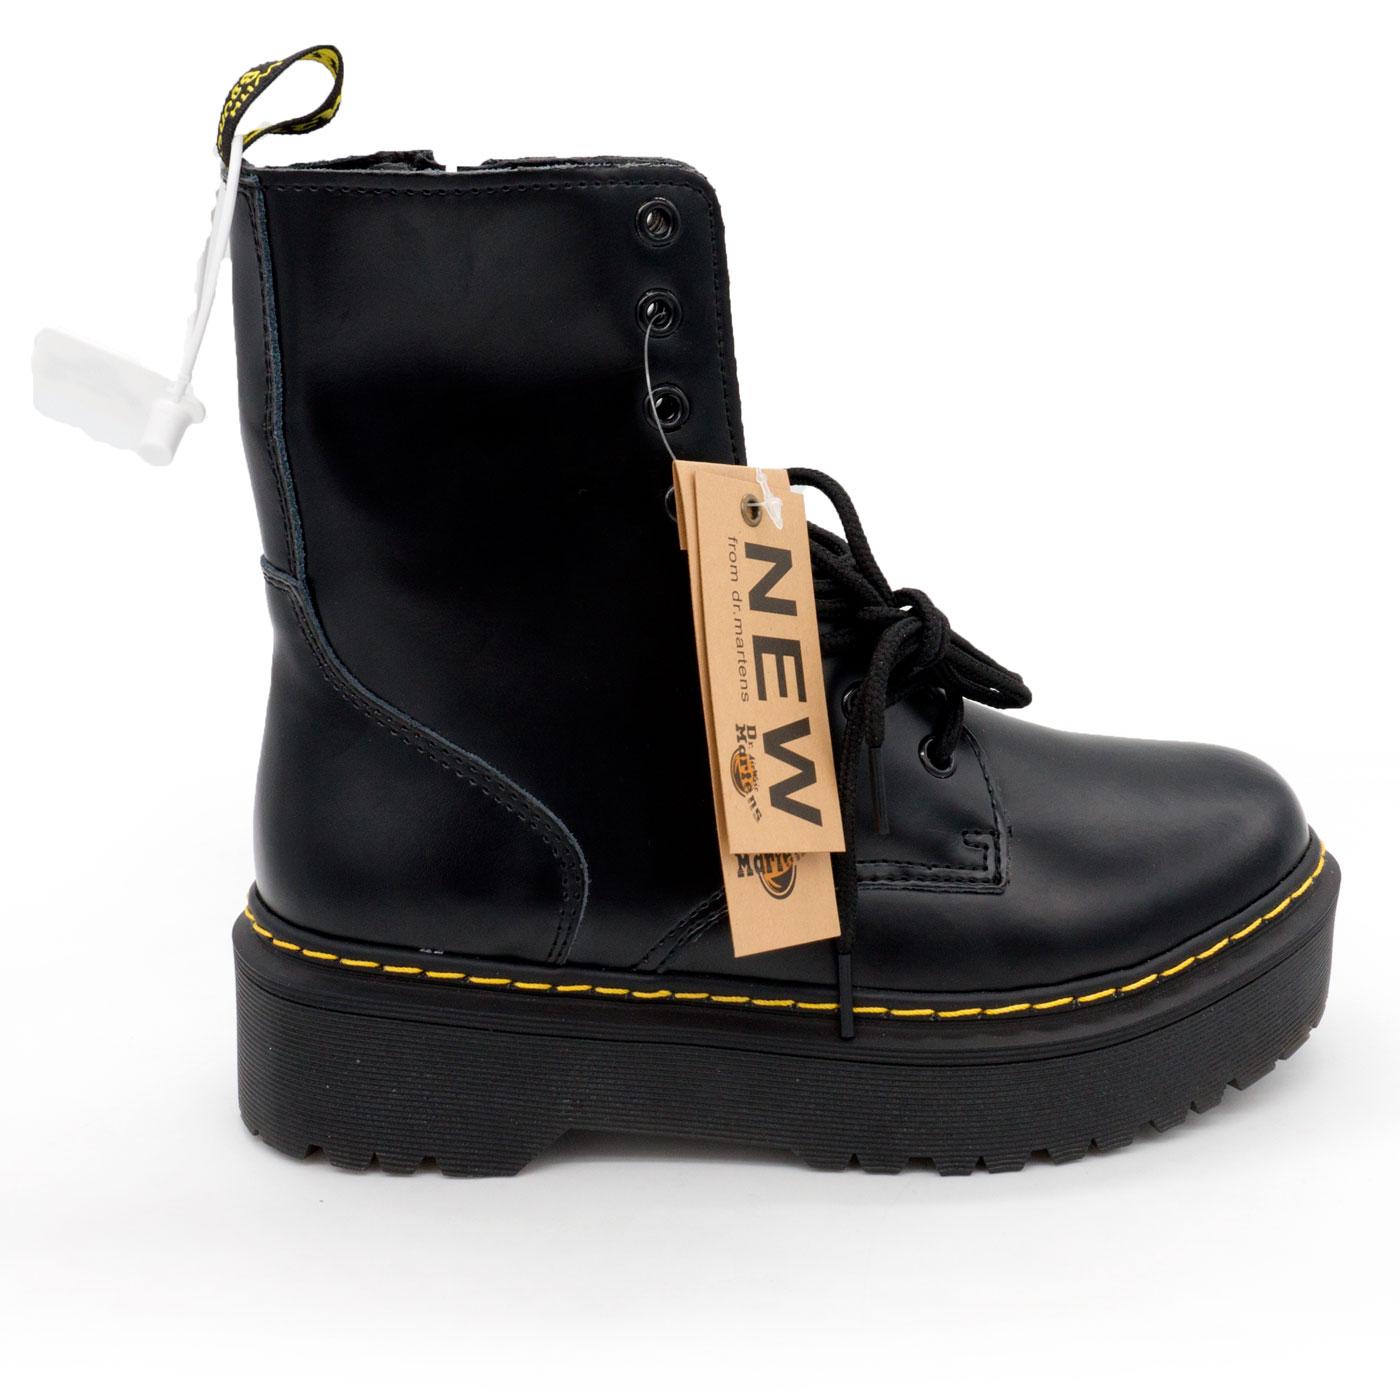 фото main Черные женские ботинки в Dr. Martens на платформе, натуральная кожа - Топ качество! main